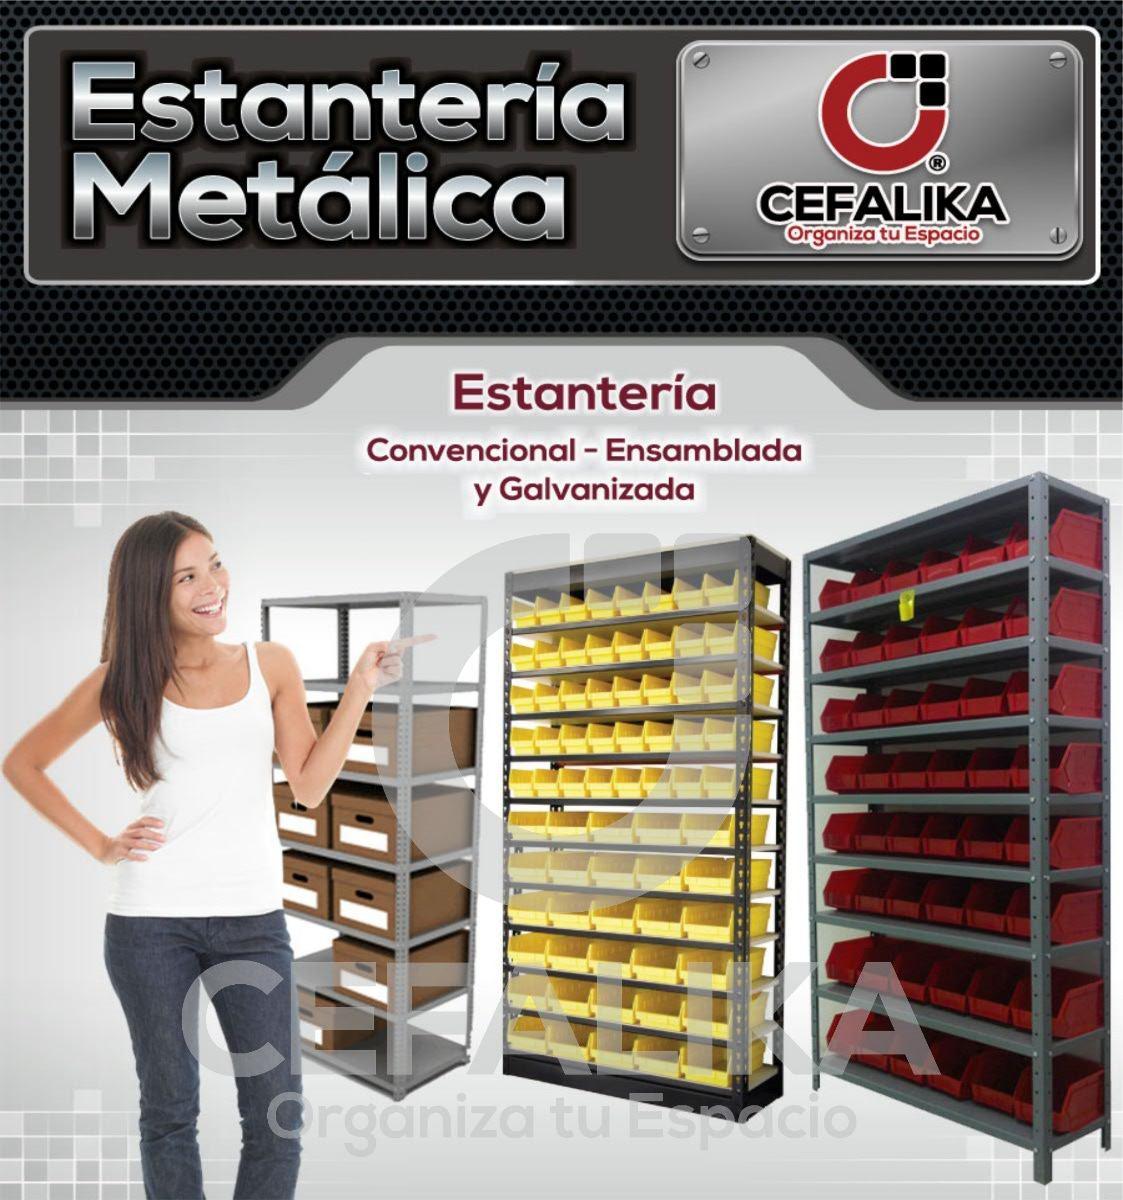 Estanteria metalica 100 calidad en mercado libre - Estanteria metalica precio ...